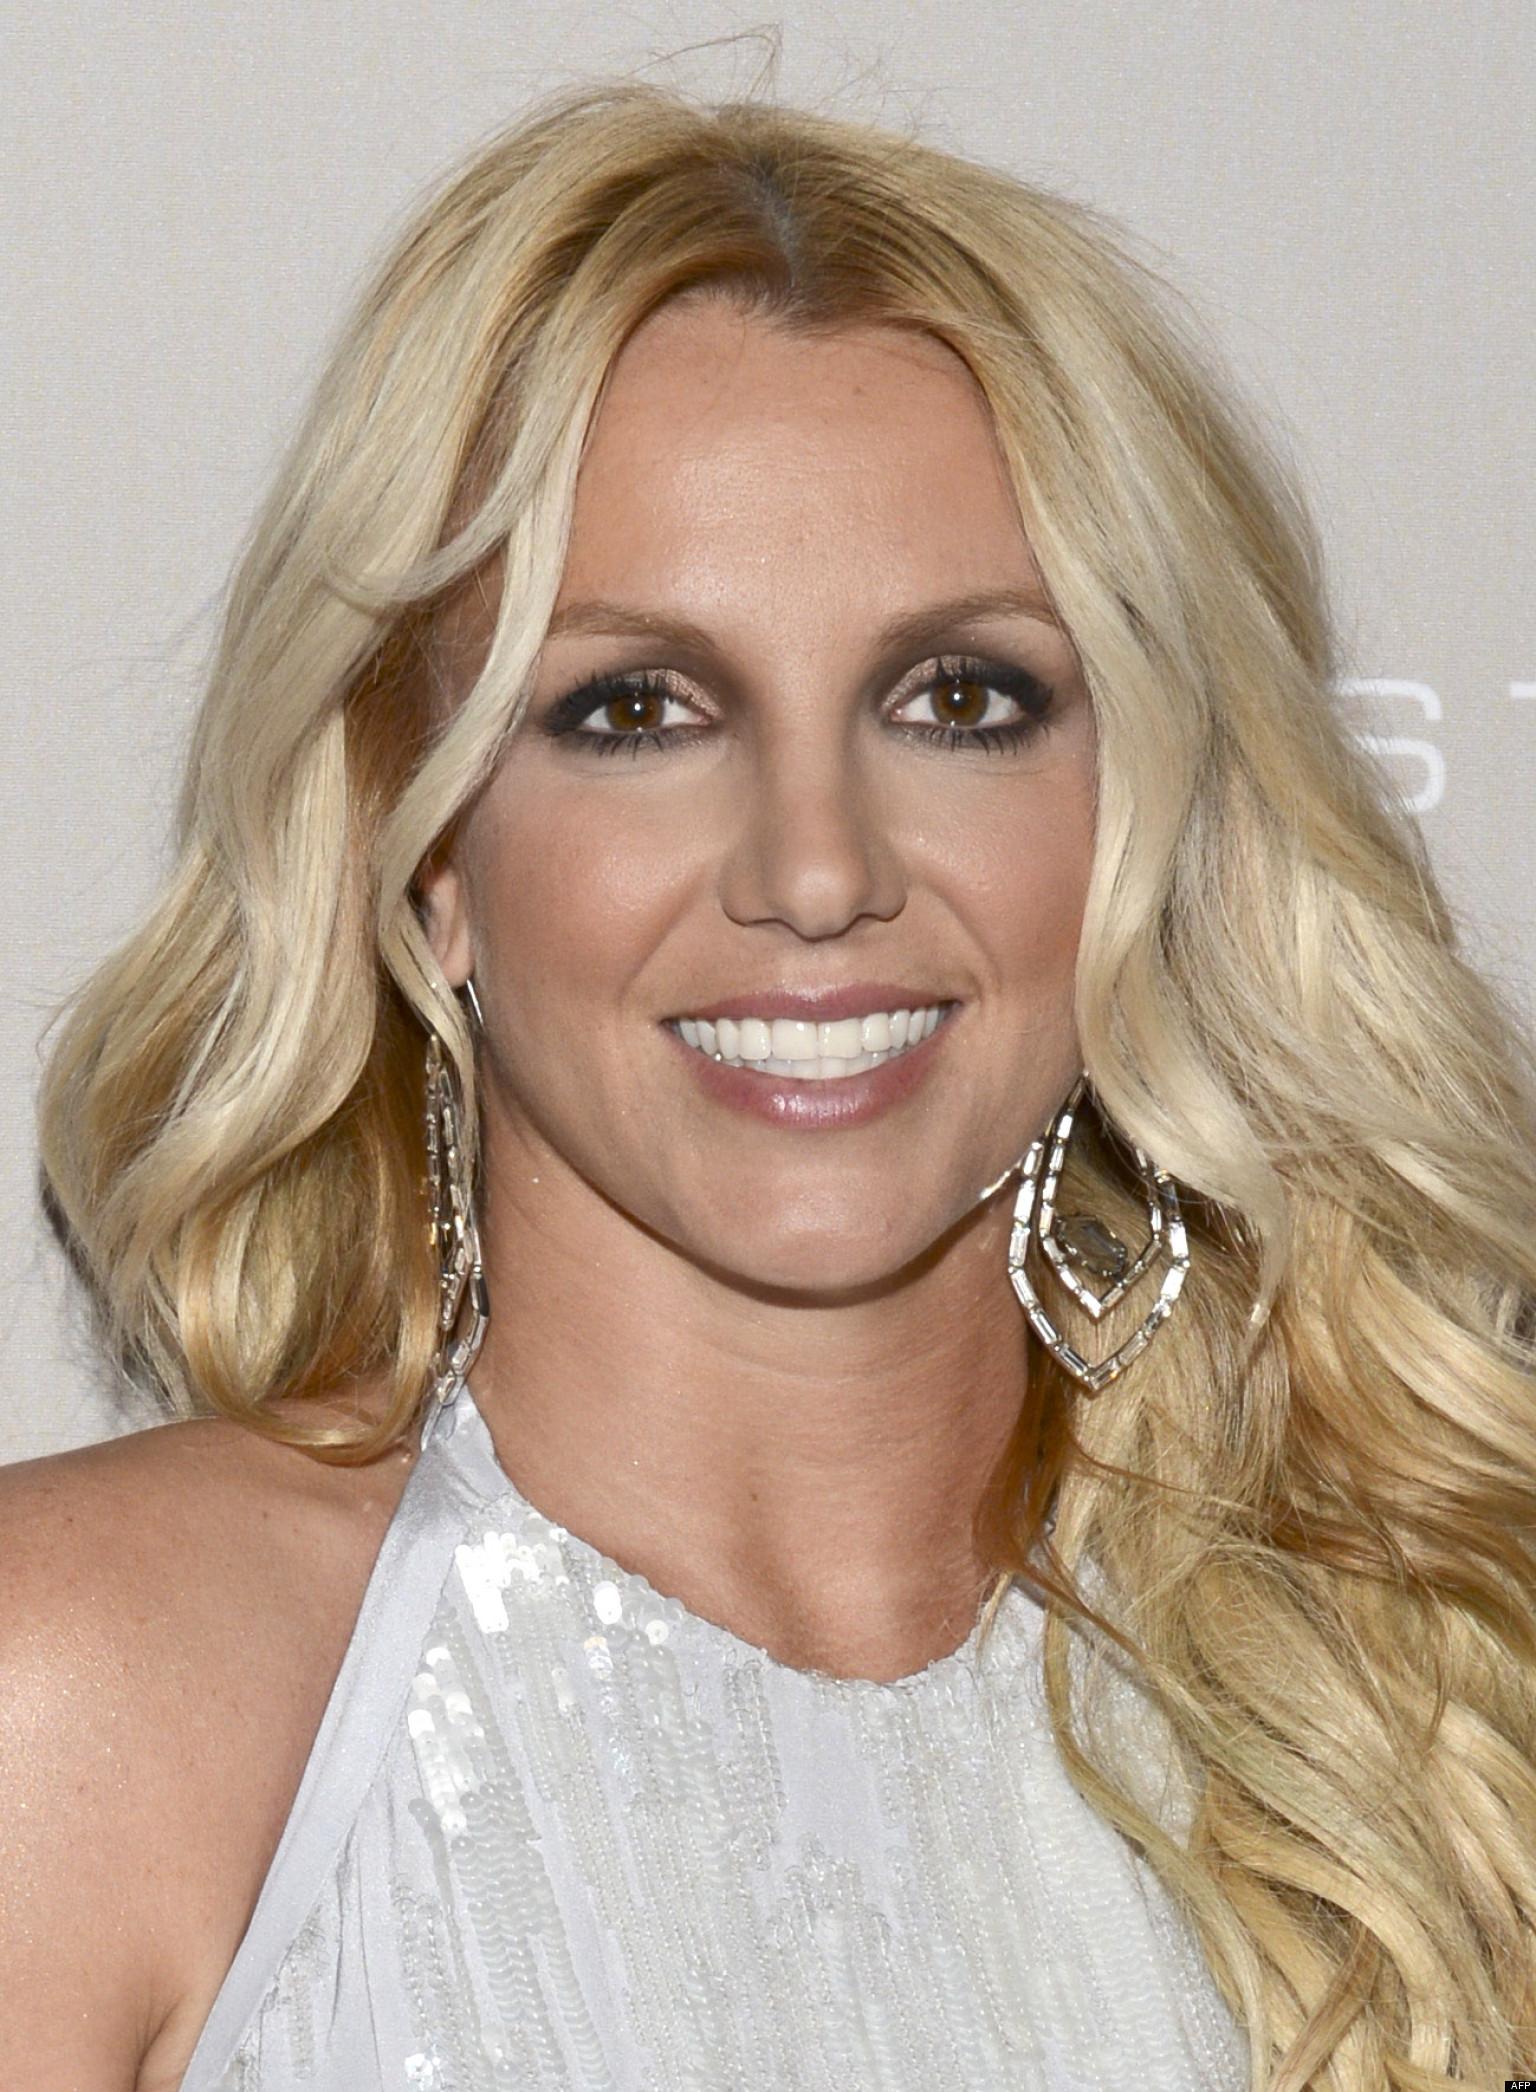 PHOTOS. La nouvelle maison de Britney Spears: 5 chambres ... Britney Spears